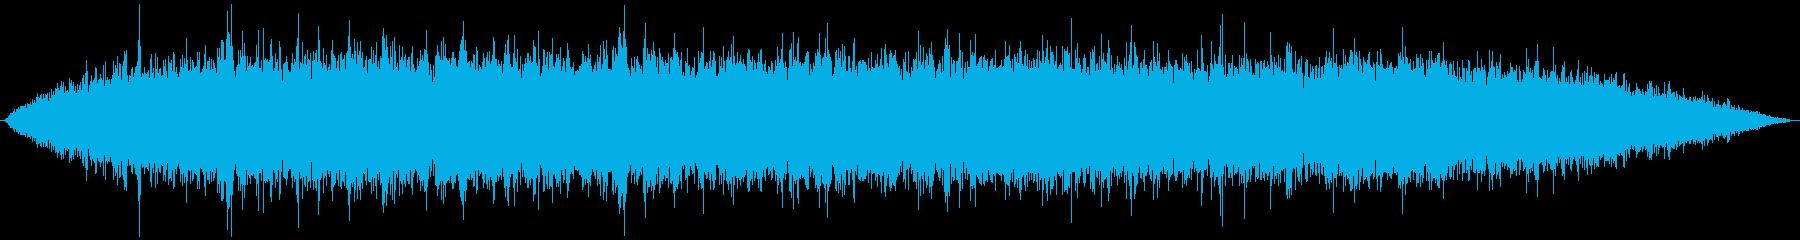 ジュゥゥゥ (焼く)の再生済みの波形